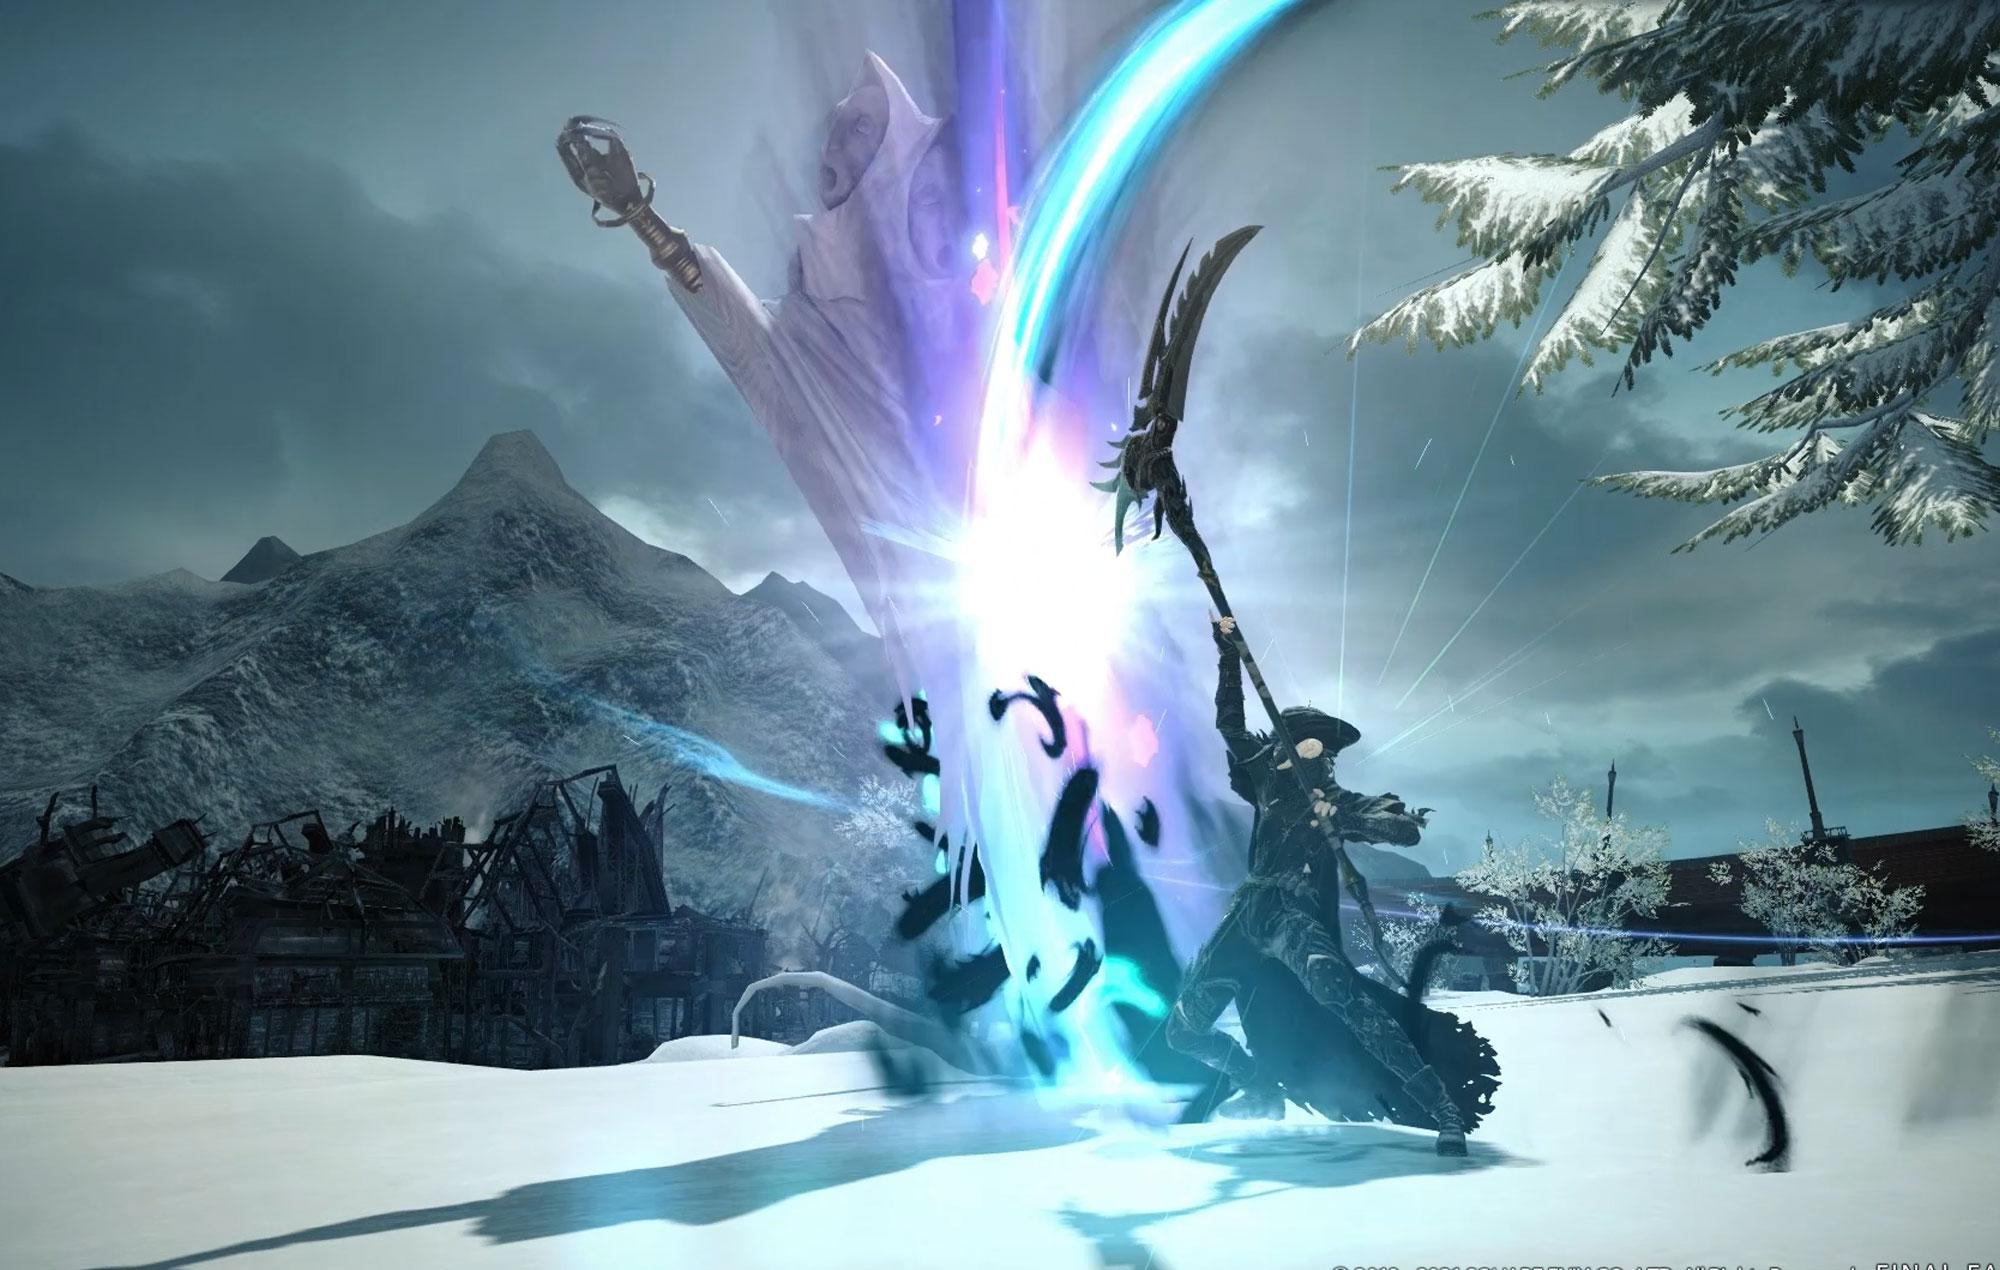 Final Fantasy XIV Online Endwalker Reaper Job